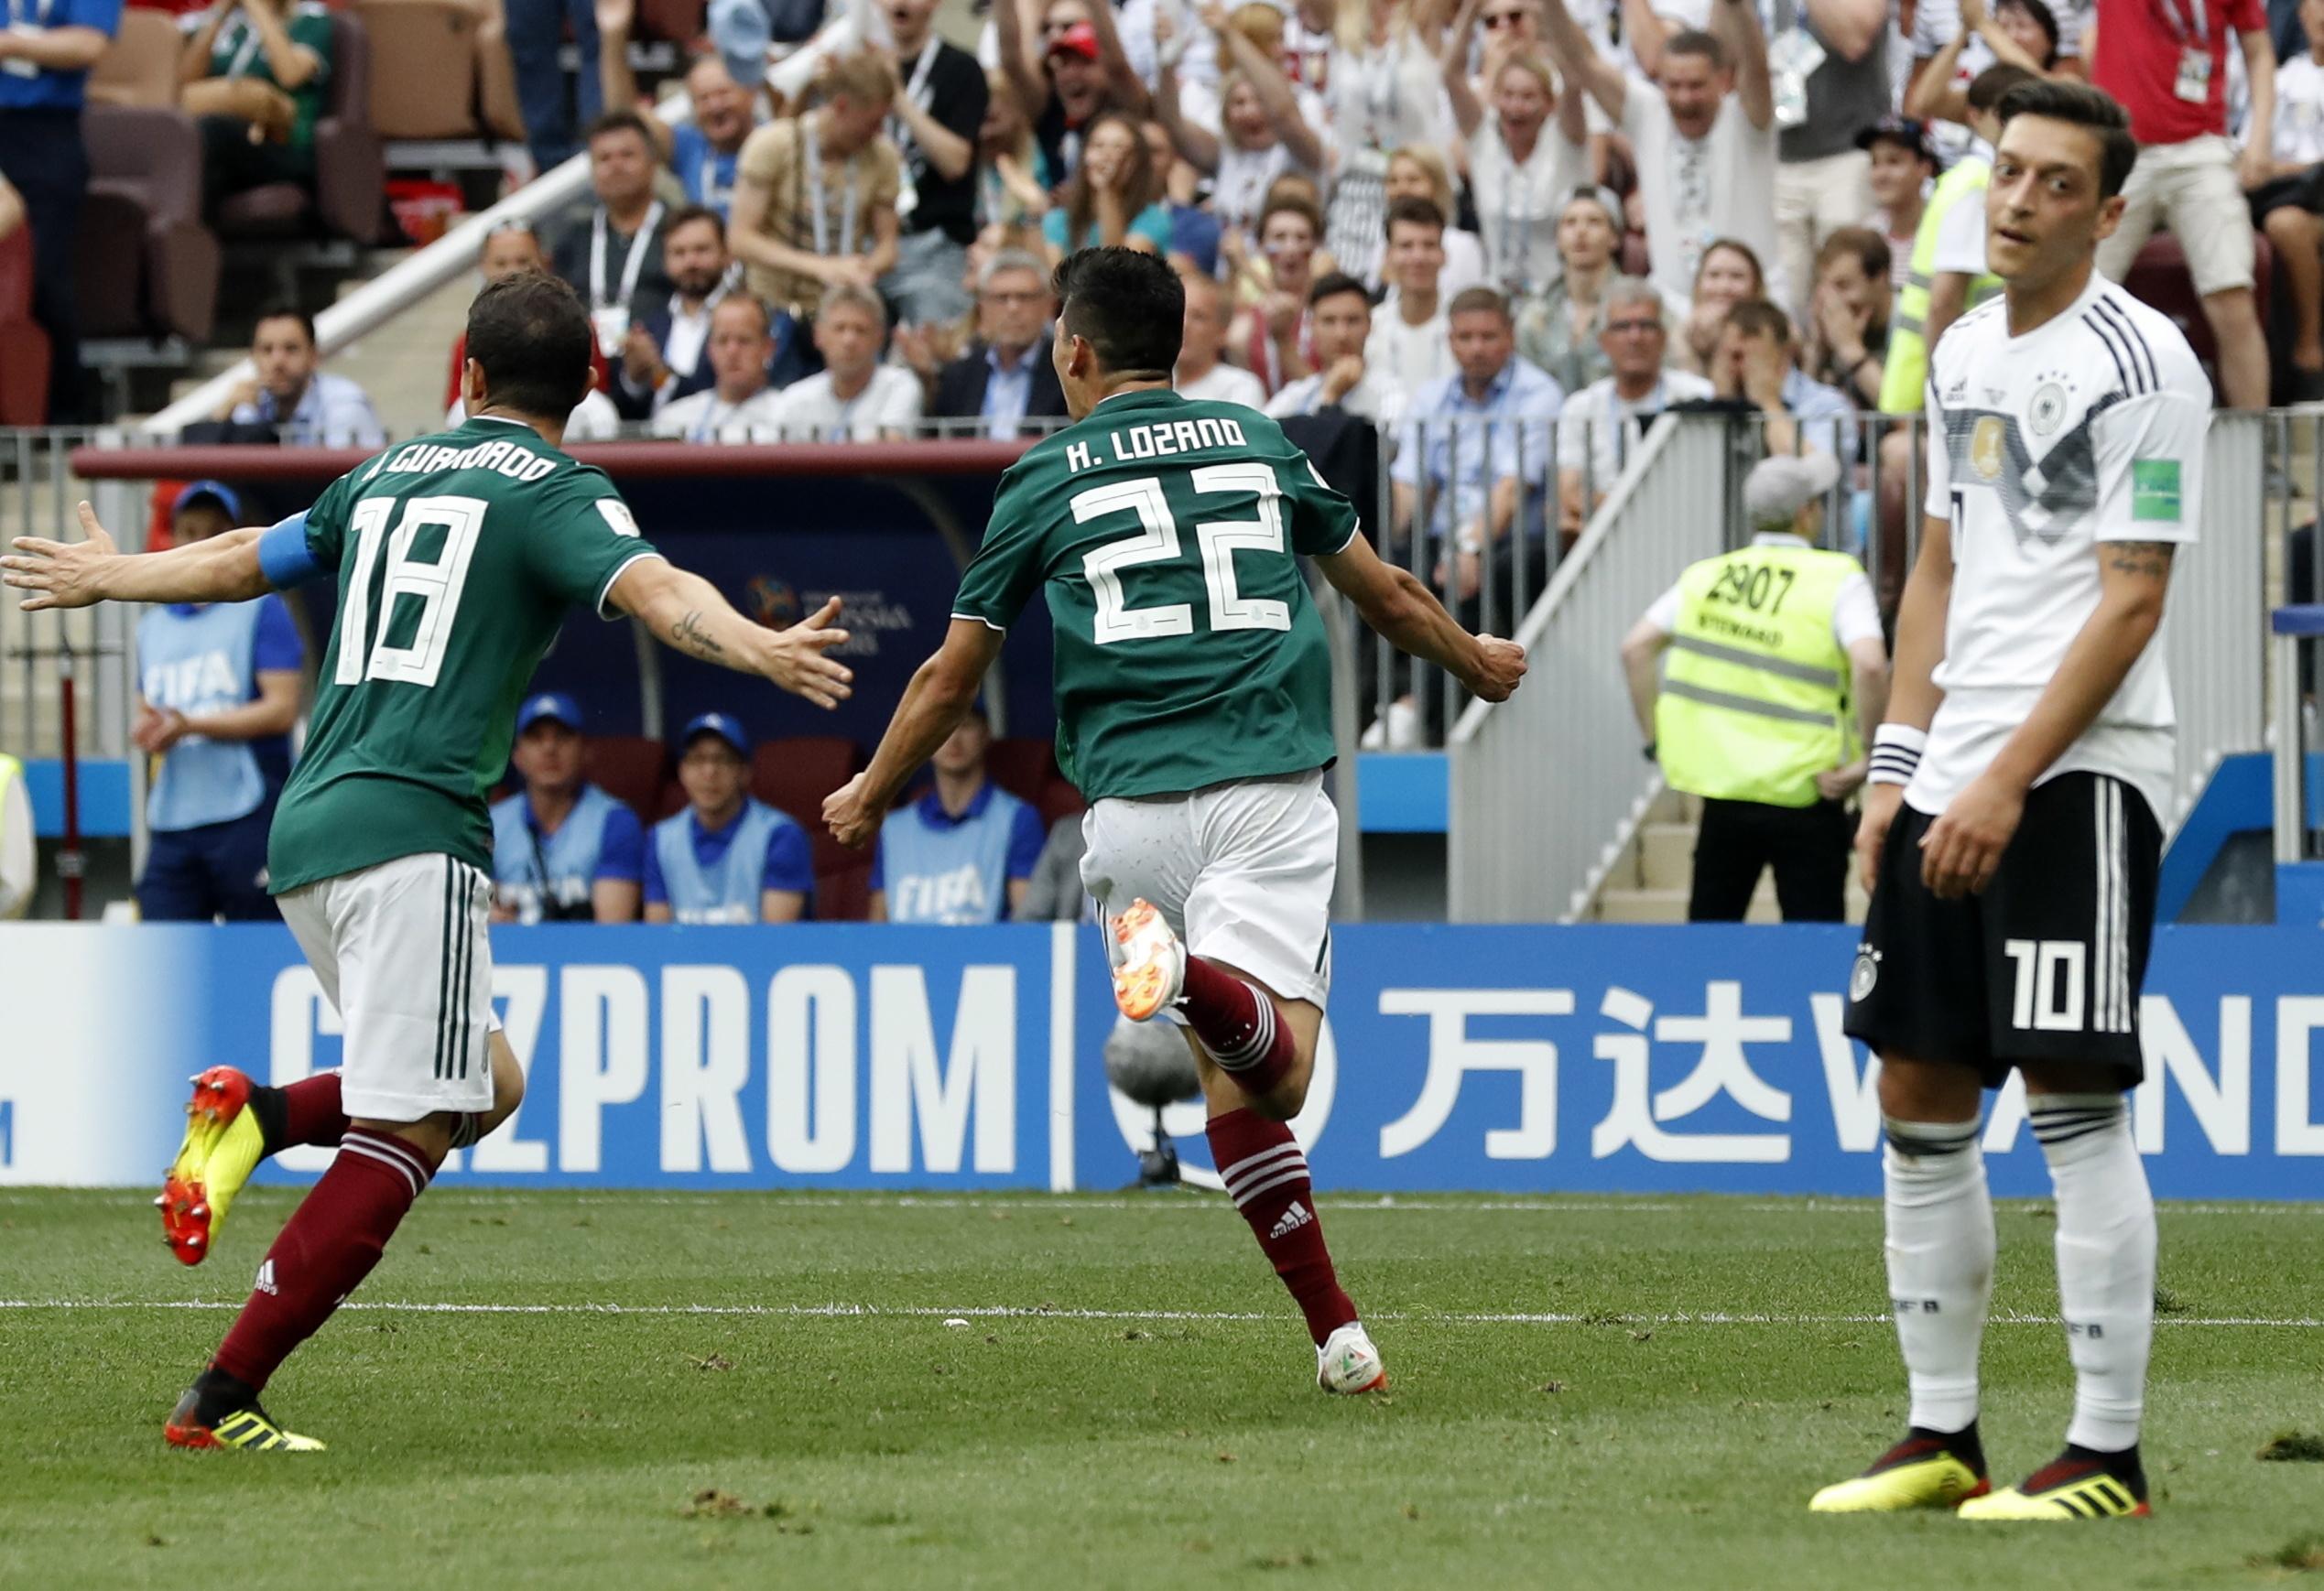 Mundial2018: Alemanha e Polónia estragam pleno europeu, sul-americanos em baixa